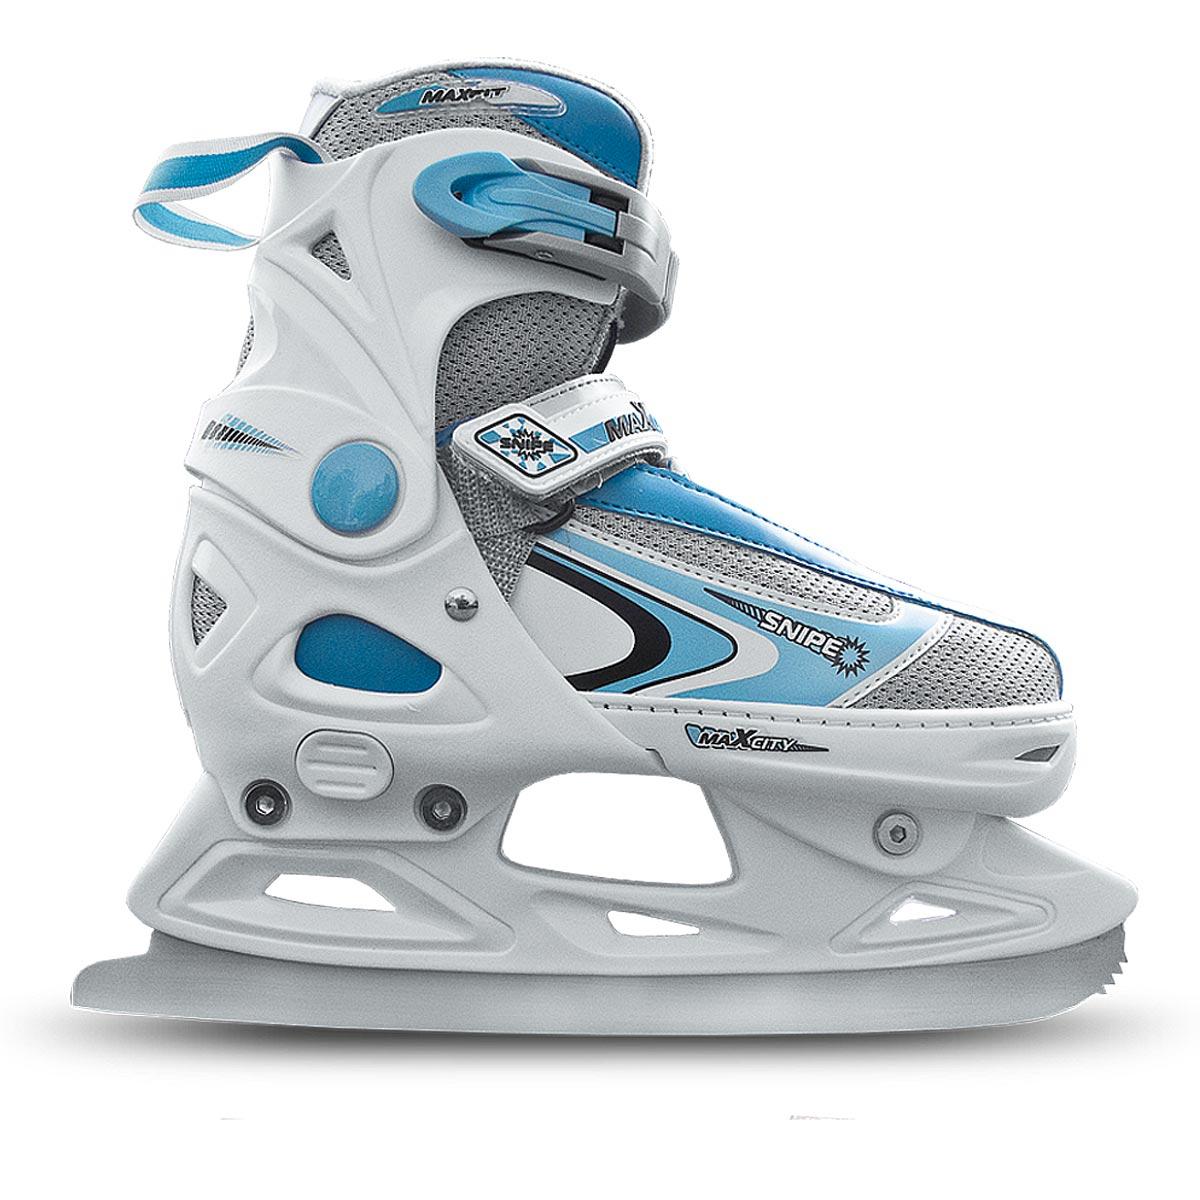 Коньки ледовые для девочки MaxCity Snipe Girl, раздвижные, цвет: белый, голубой. Размер 29/32